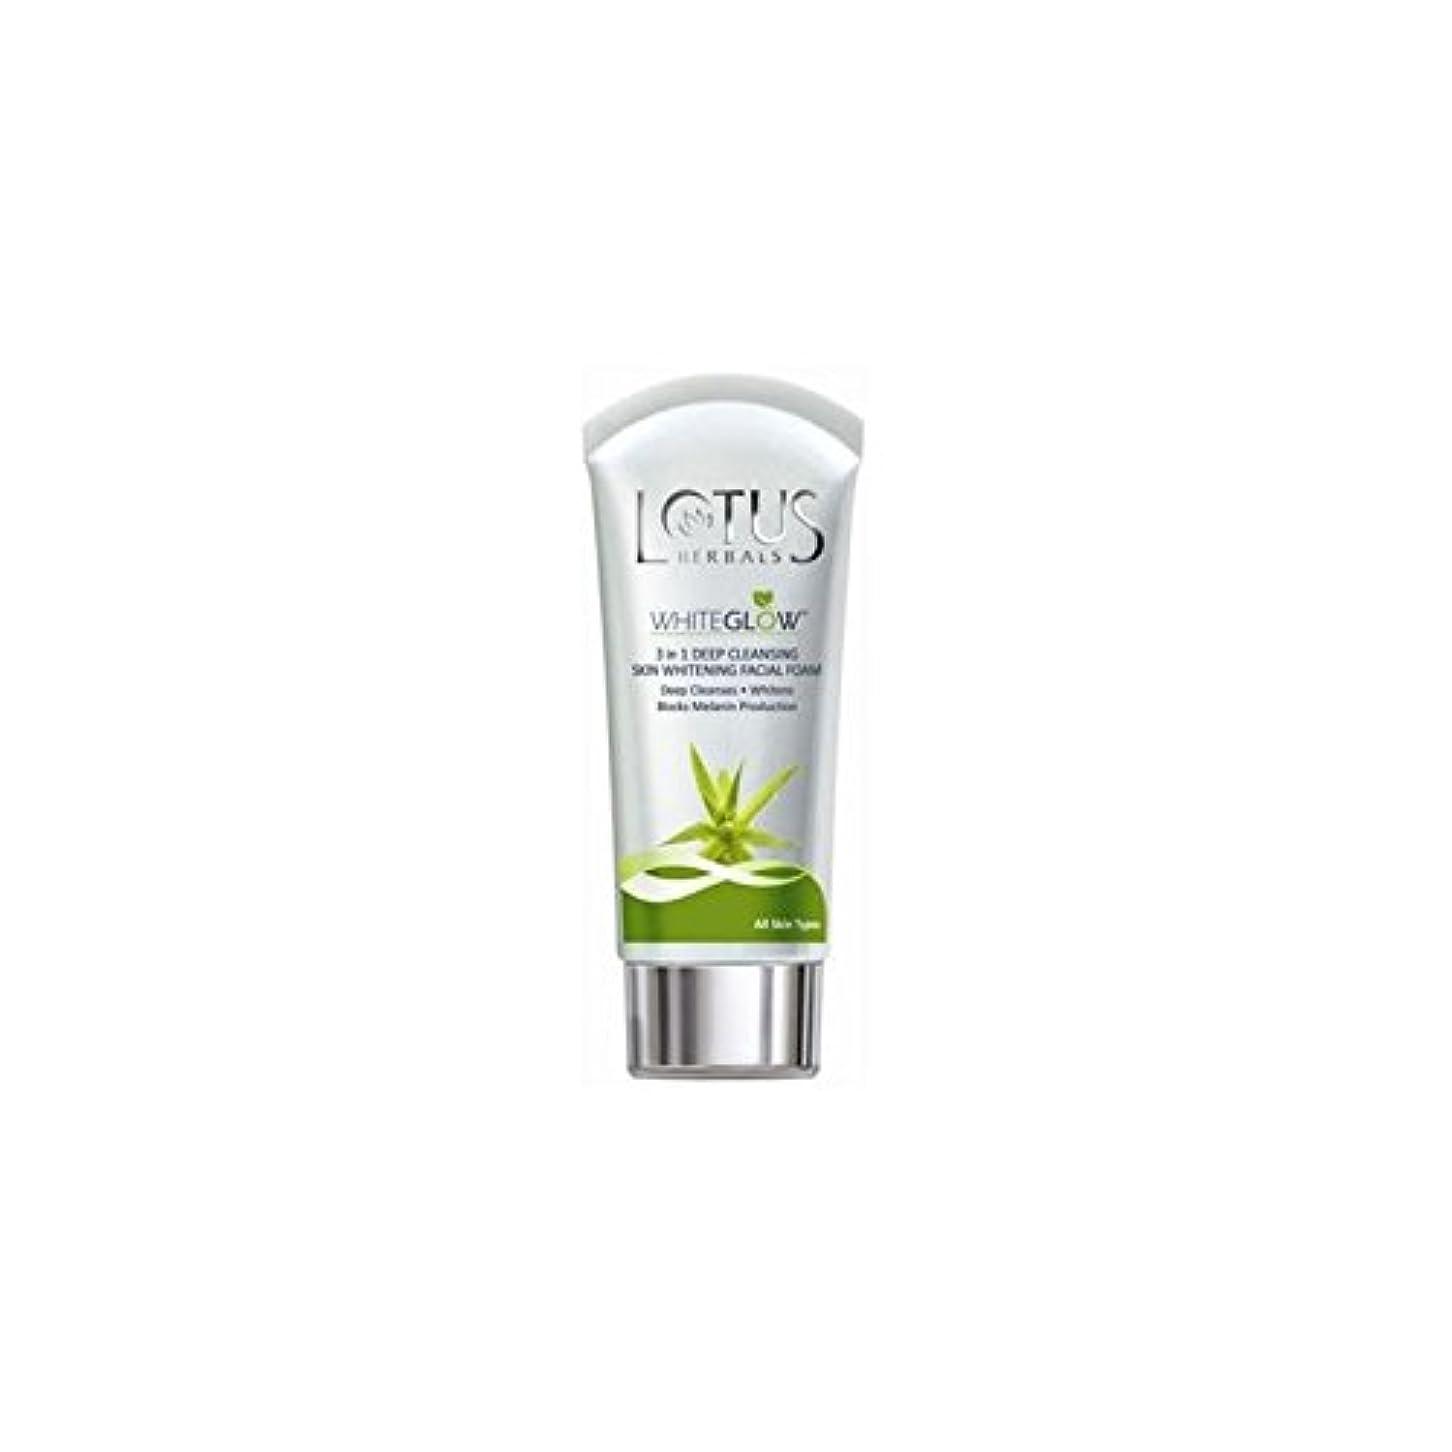 外交官高齢者飢Lotus Herbals 3-in-1 Deep Cleansing Skin Whitening Facial Foam - Whiteglow 50g